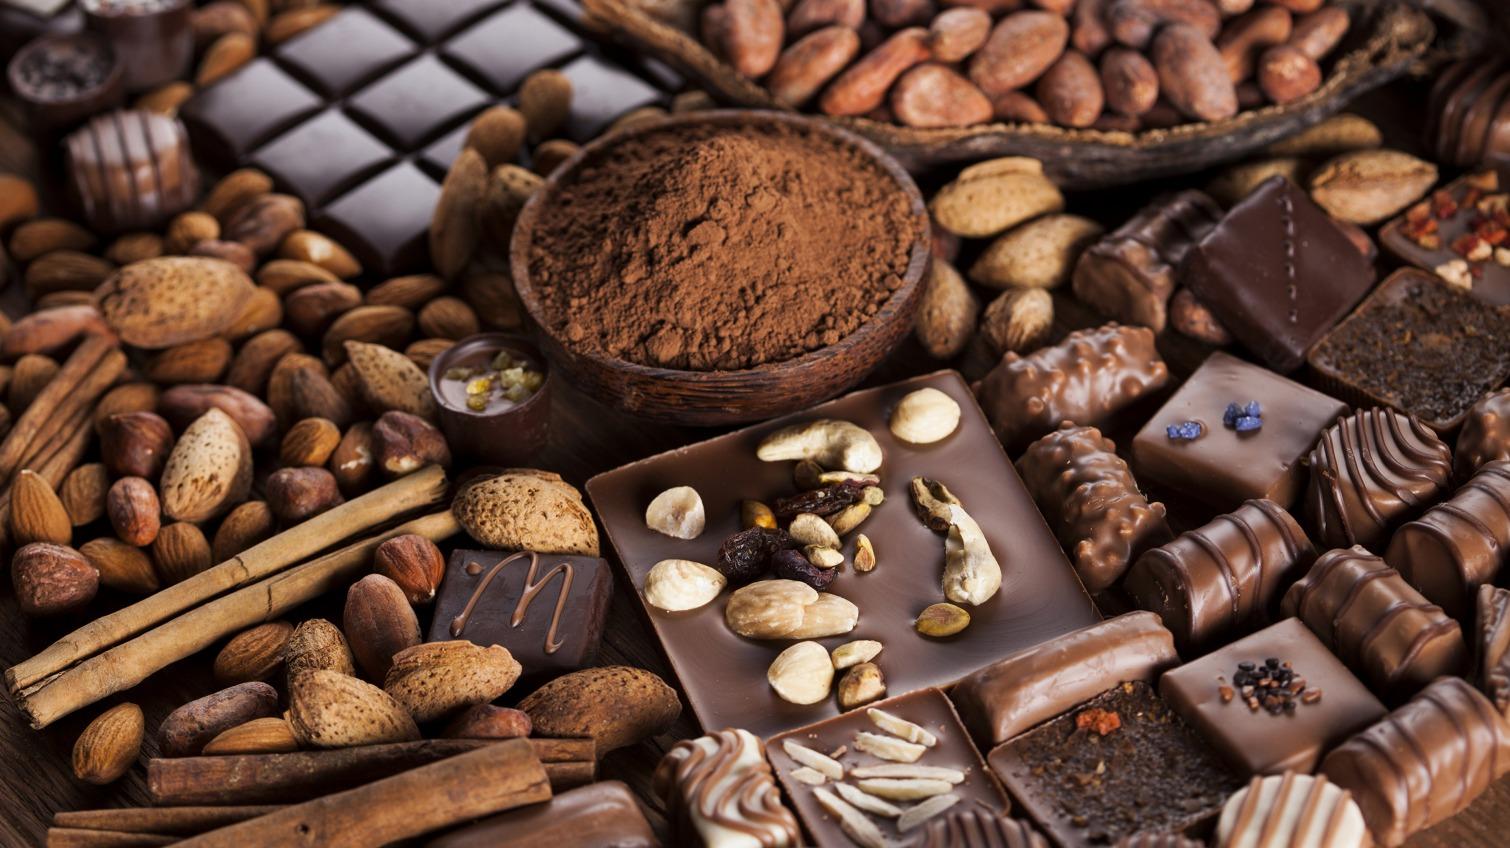 Руководство любит сладкое: порт «Южный» заказал 2,5 тонны сладостей за миллион «фото»